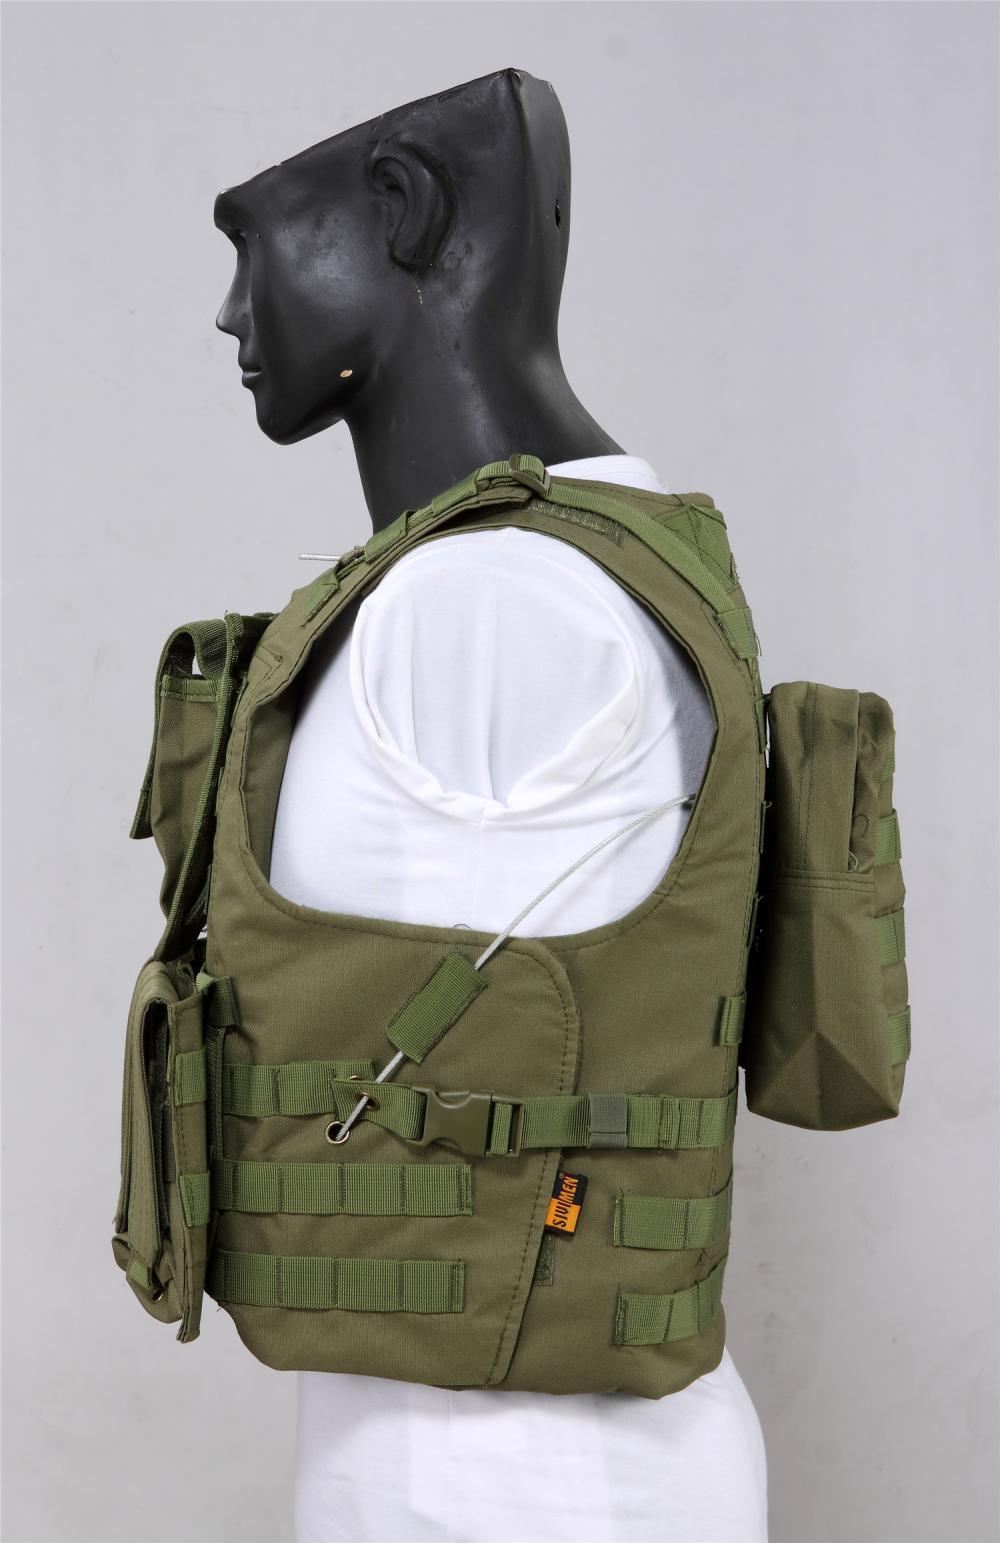 NIJ Standard Tactical Vest